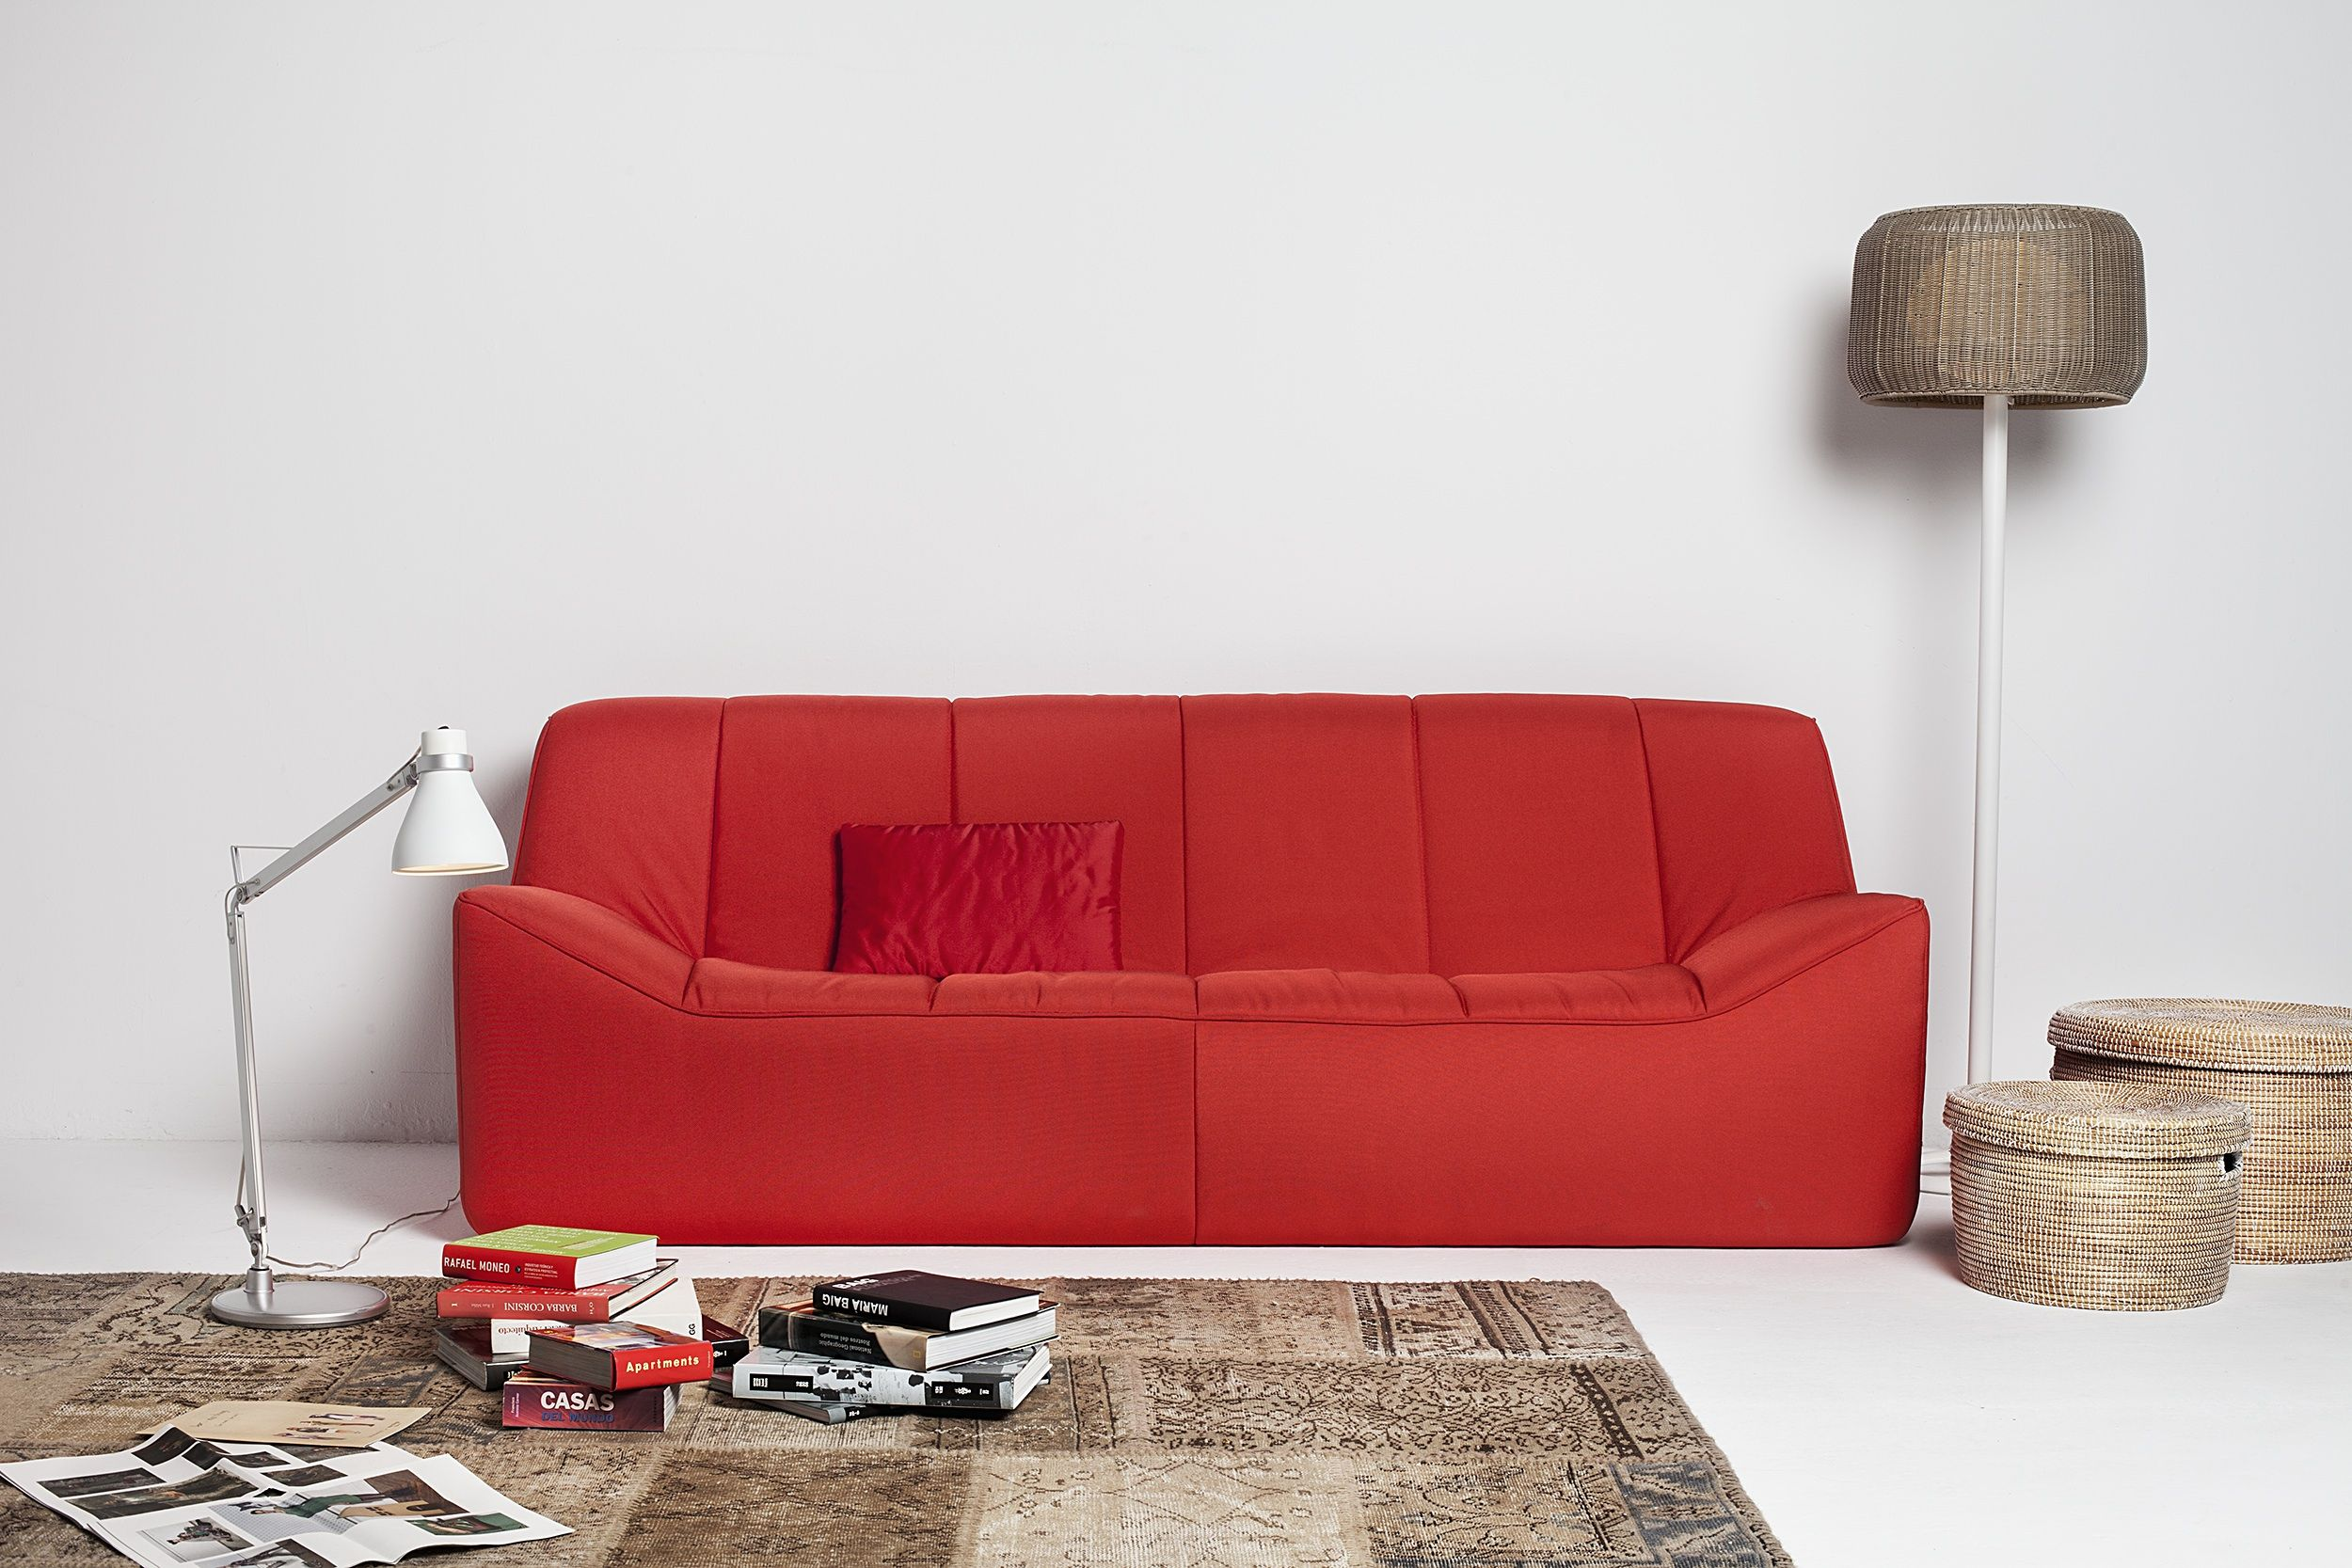 Dynamo red de Oruga | Sofa • Sofas • Sofàs | Pinterest | Sofa sofa